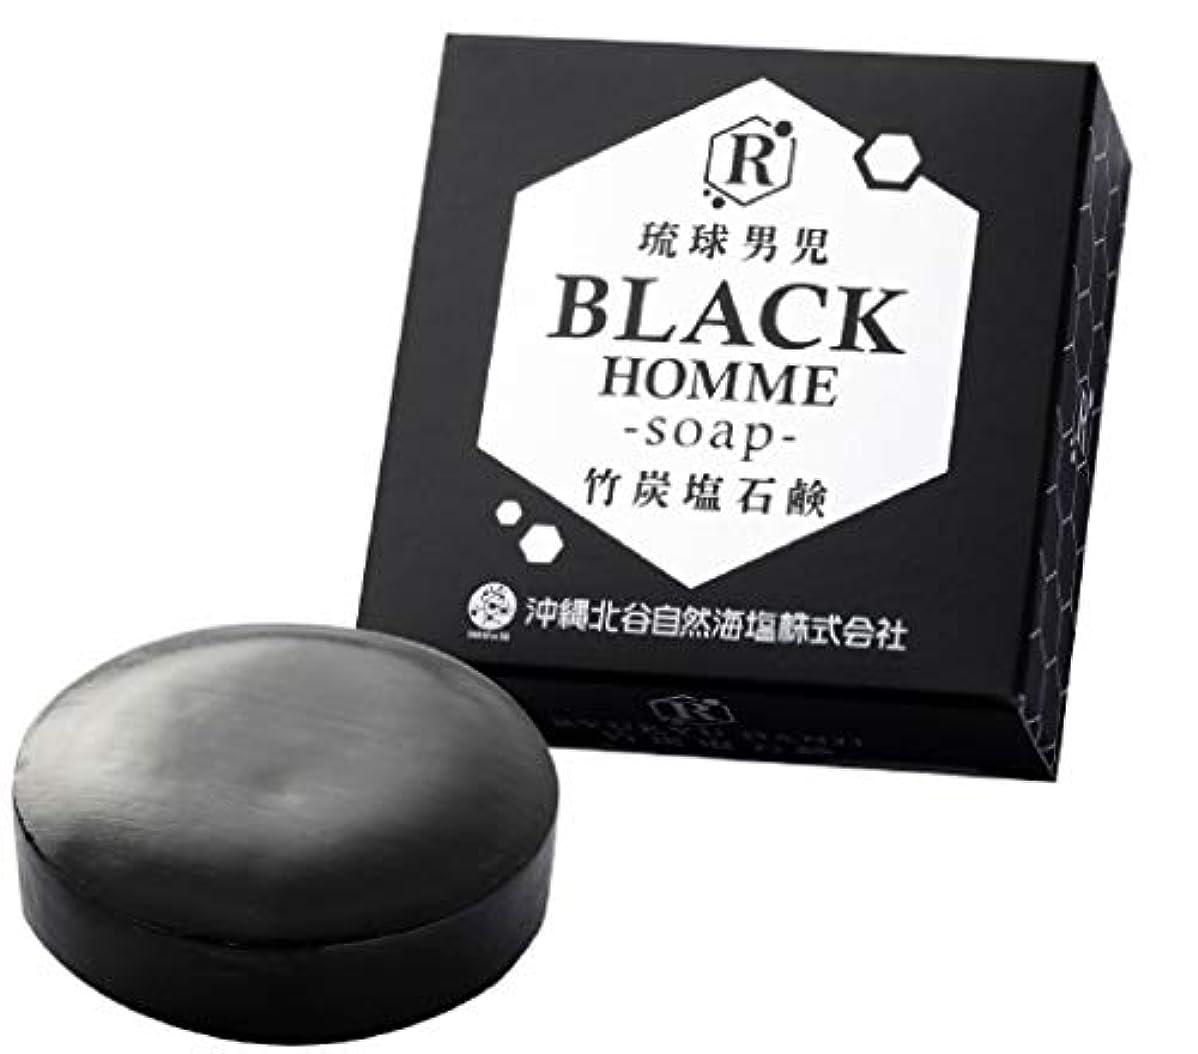 極地病気だと思う机【4個セット】琉球男児 竹炭塩石鹸 BLACK HOMME-soap- 60g 泡立てネット付き